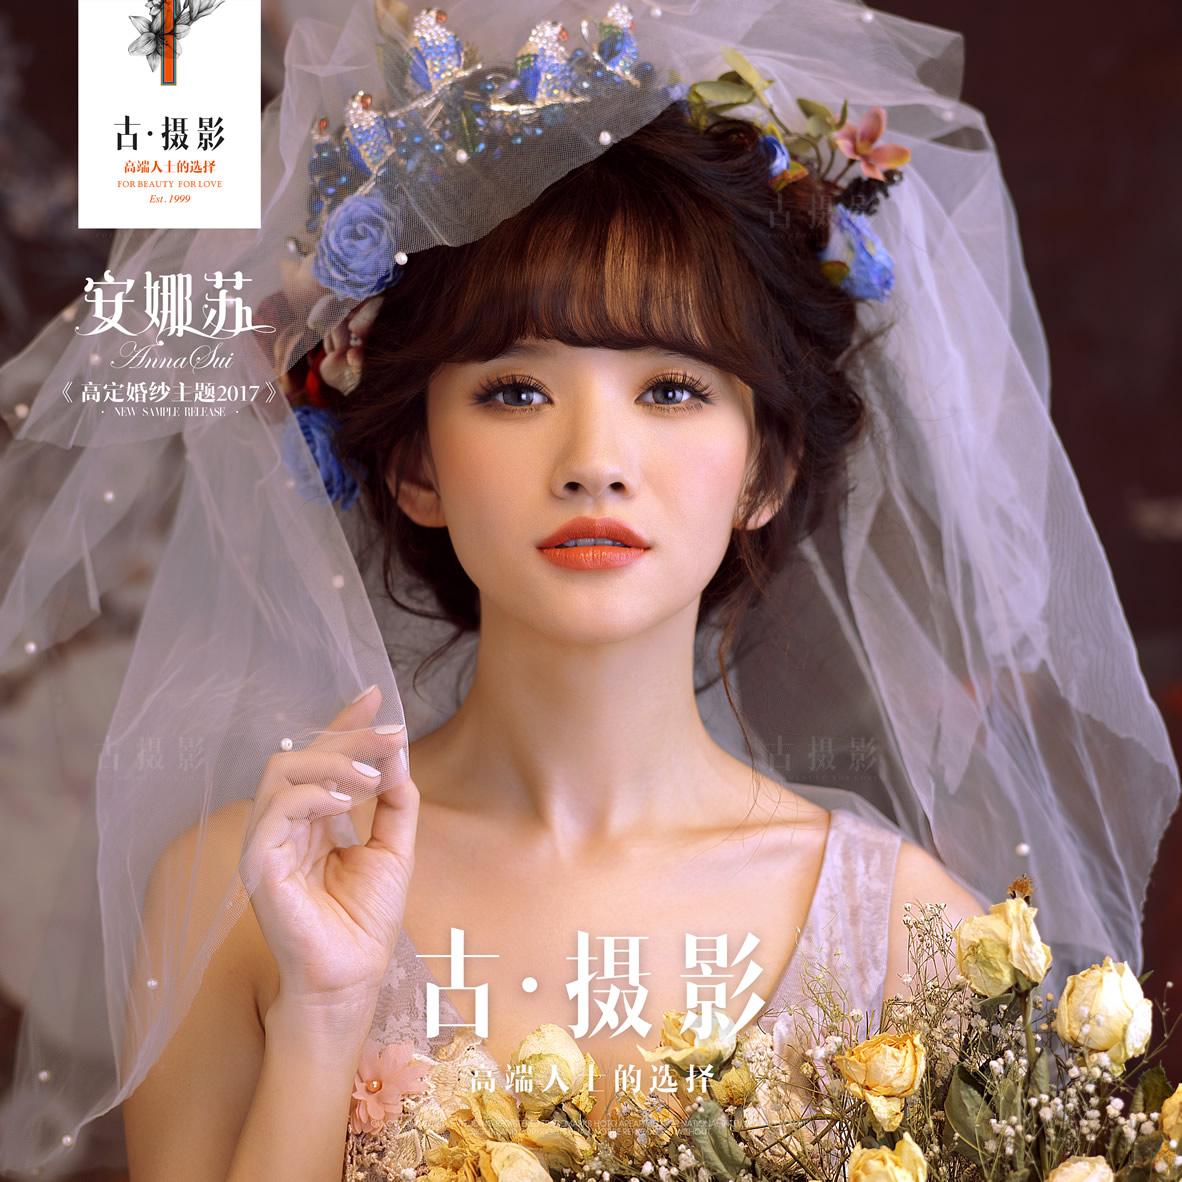 安娜苏 - 明星范 - 古摄影婚纱艺术-古摄影成都婚纱摄影艺术摄影网